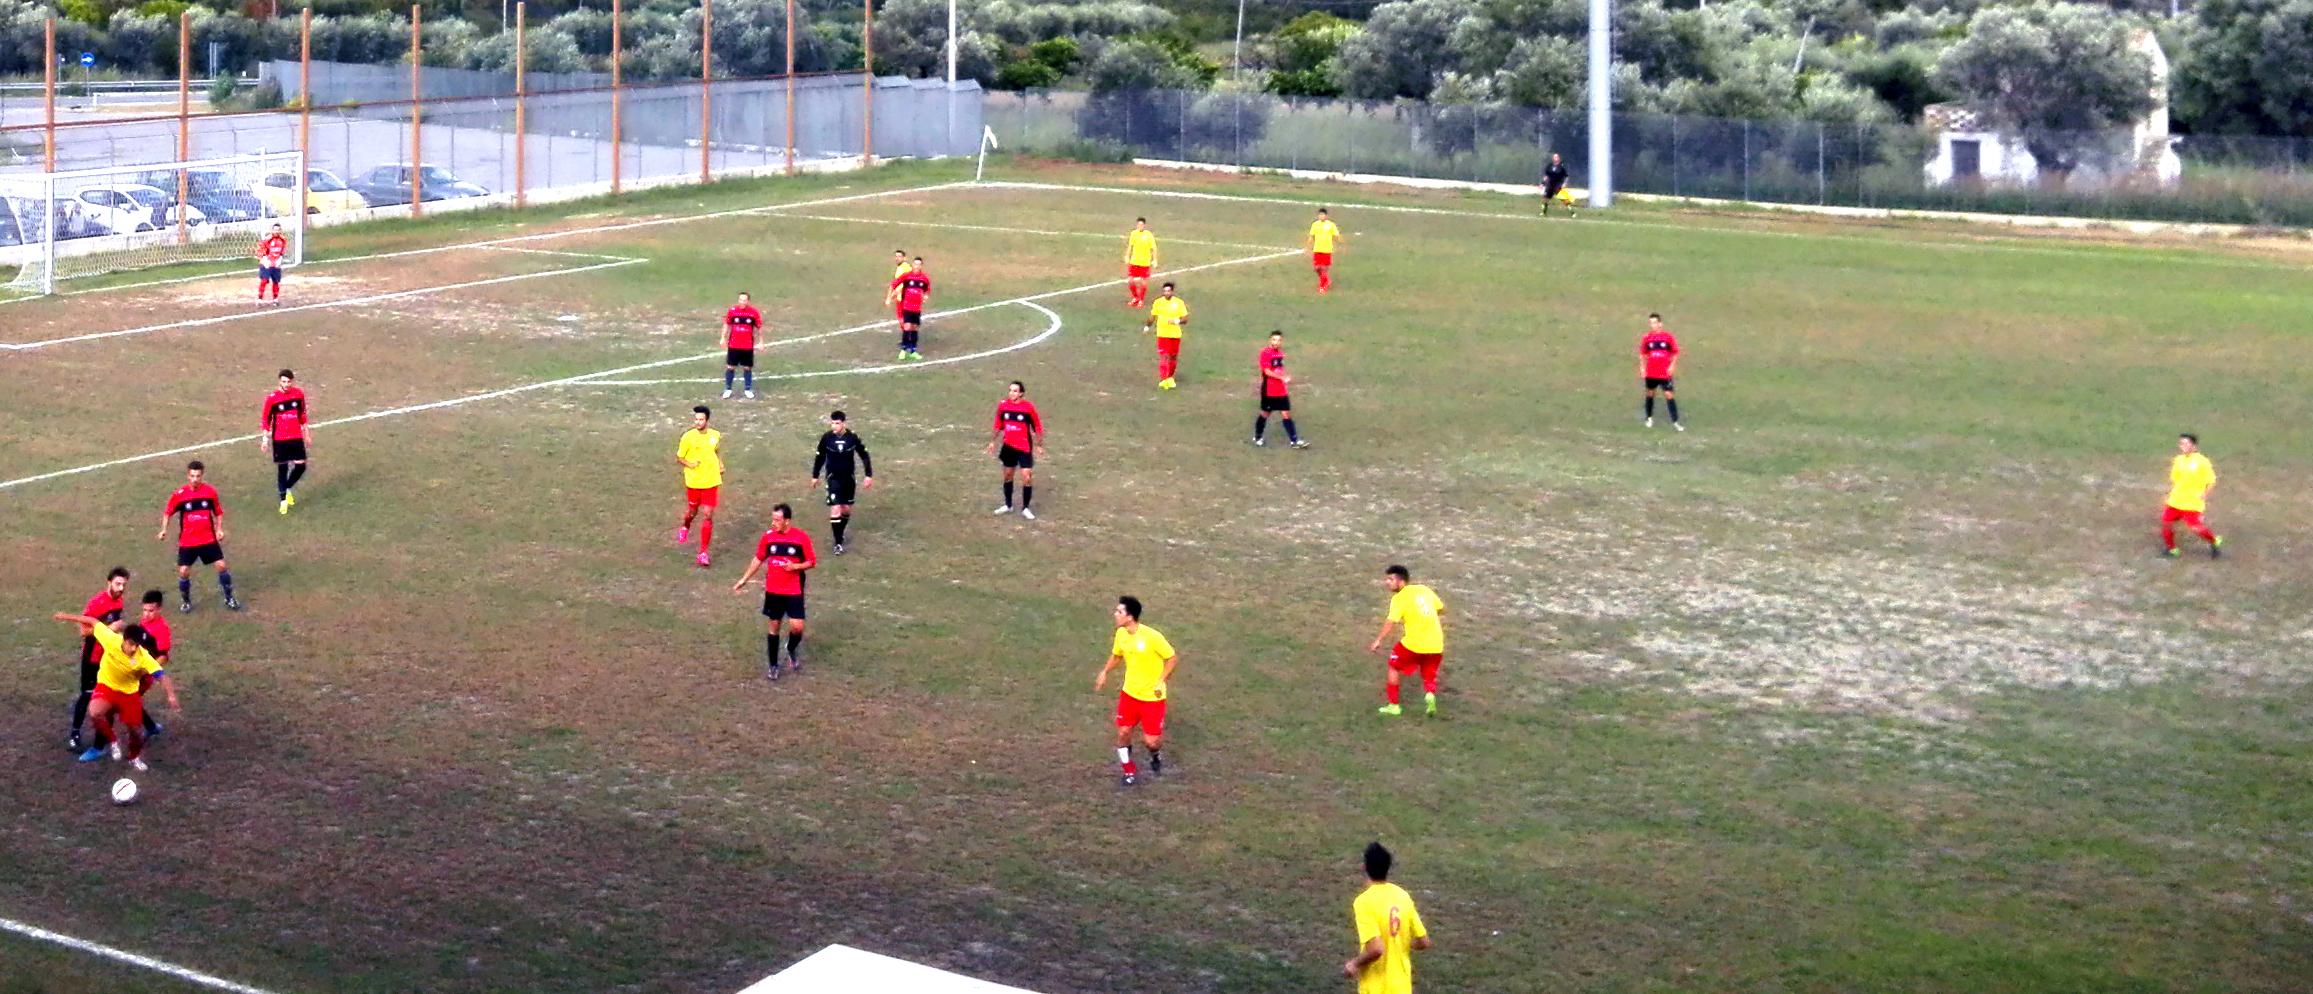 TURSI CALCIO 2008 - SALANDRA  3-1. A quattro punti dalla capolista,  i tursitani ne hanno 8 e sono imbattuti alla quarta giornata, con otto gol fatti e tre subiti*